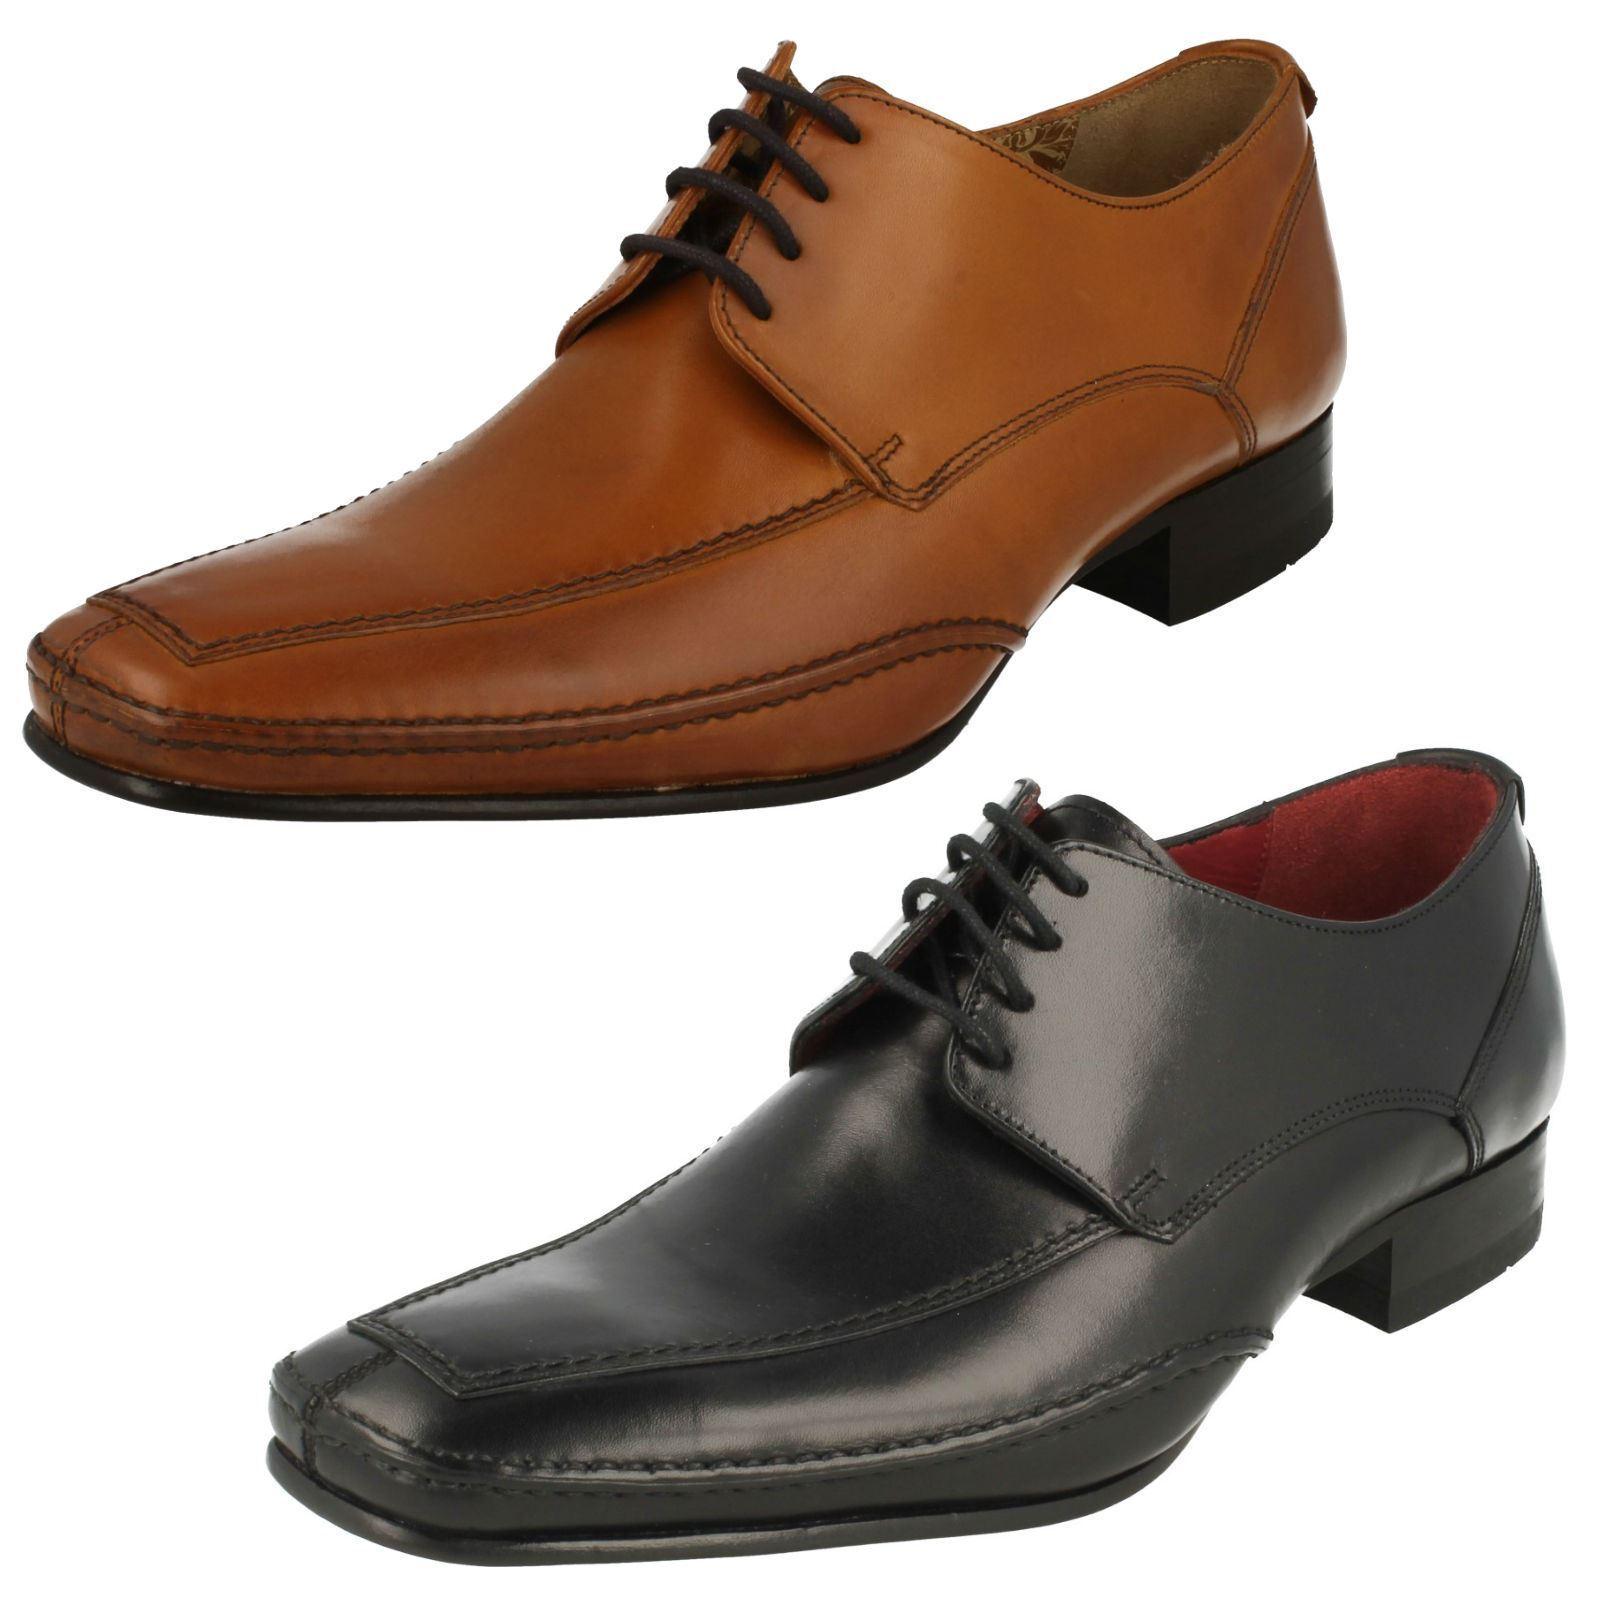 Homme Loake intelligent légèreHommest bout voitureré lacets chaussures en cuir Hurst